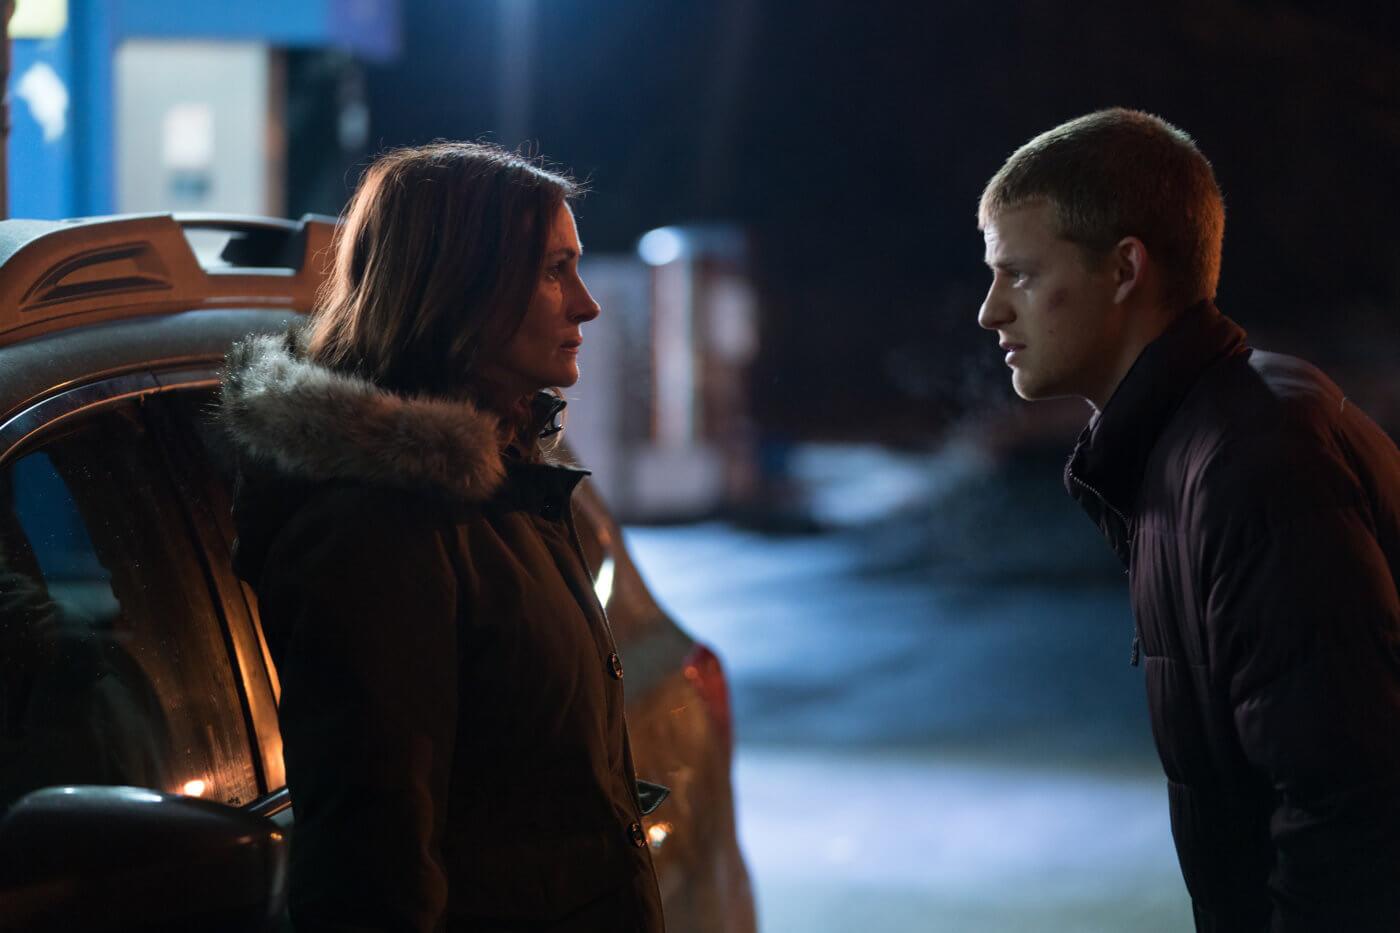 茱莉亞羅勃茲在《班恩回家》中所飾演的母親角色,是支持班恩一路洗去惡習的重要存在。